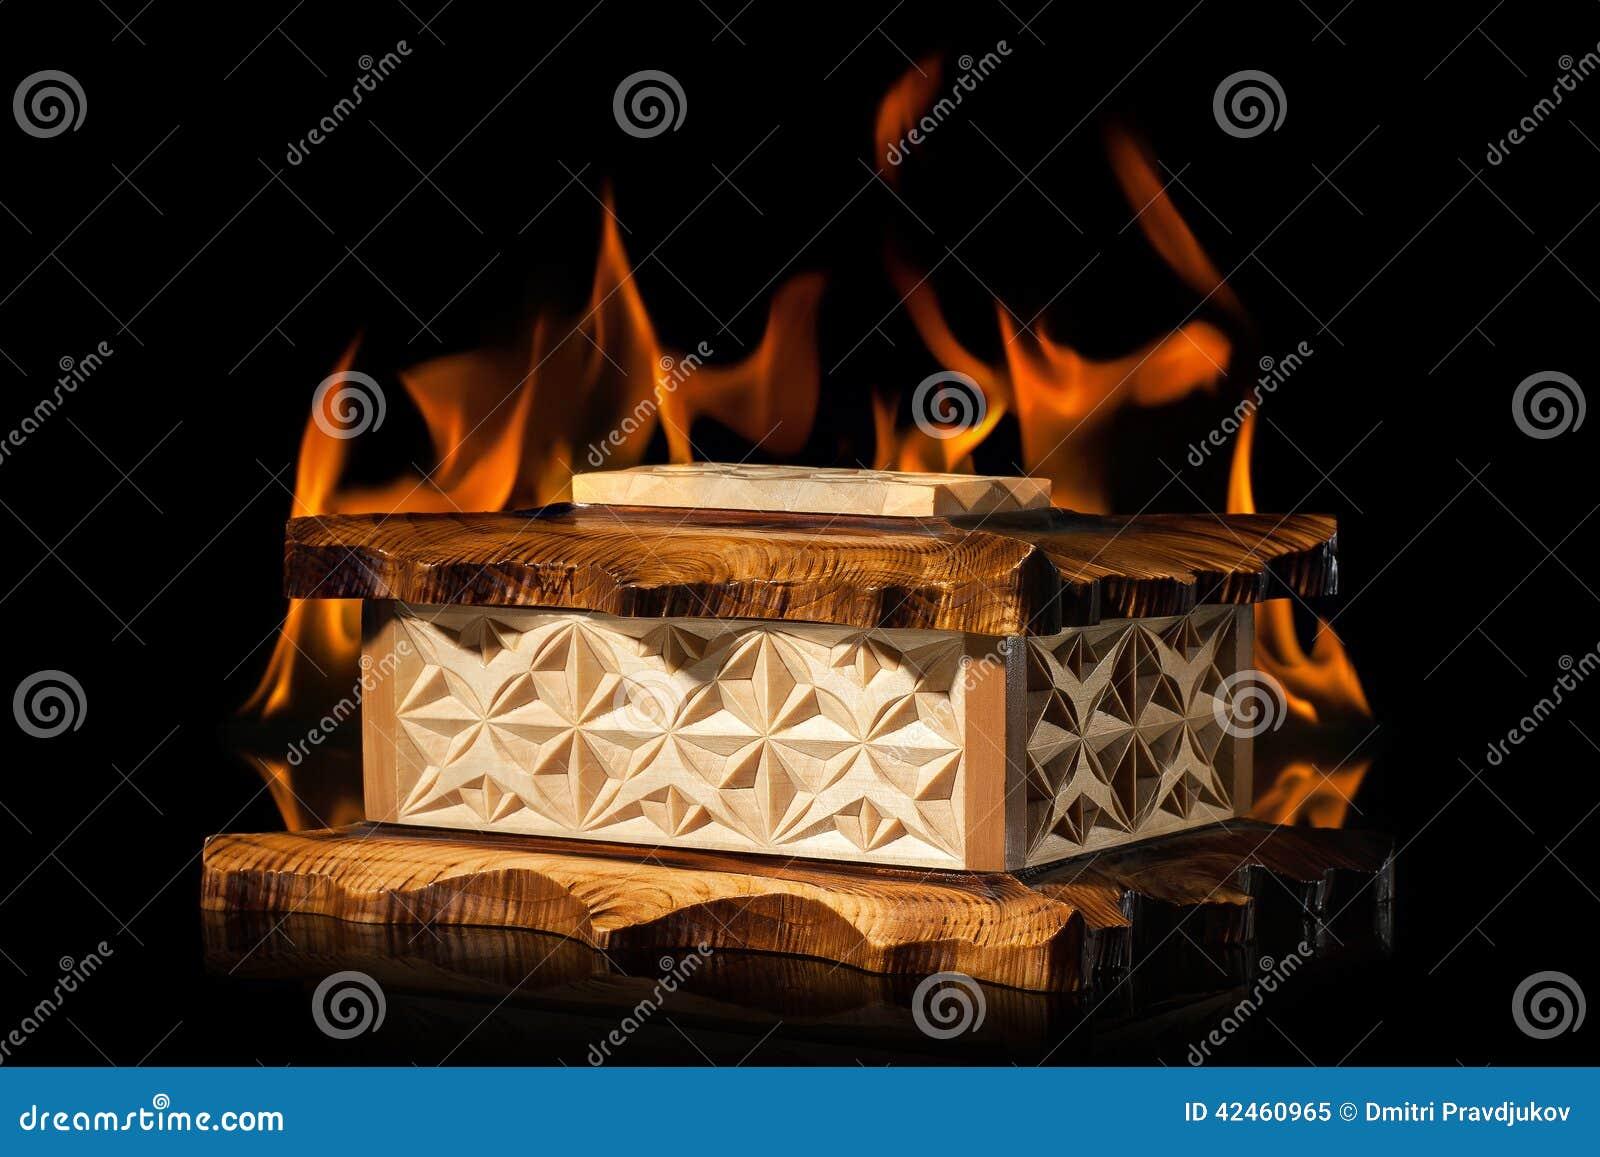 Alte braune hölzerne Schatulle in der Feuerflamme auf schwarzem Hintergrund